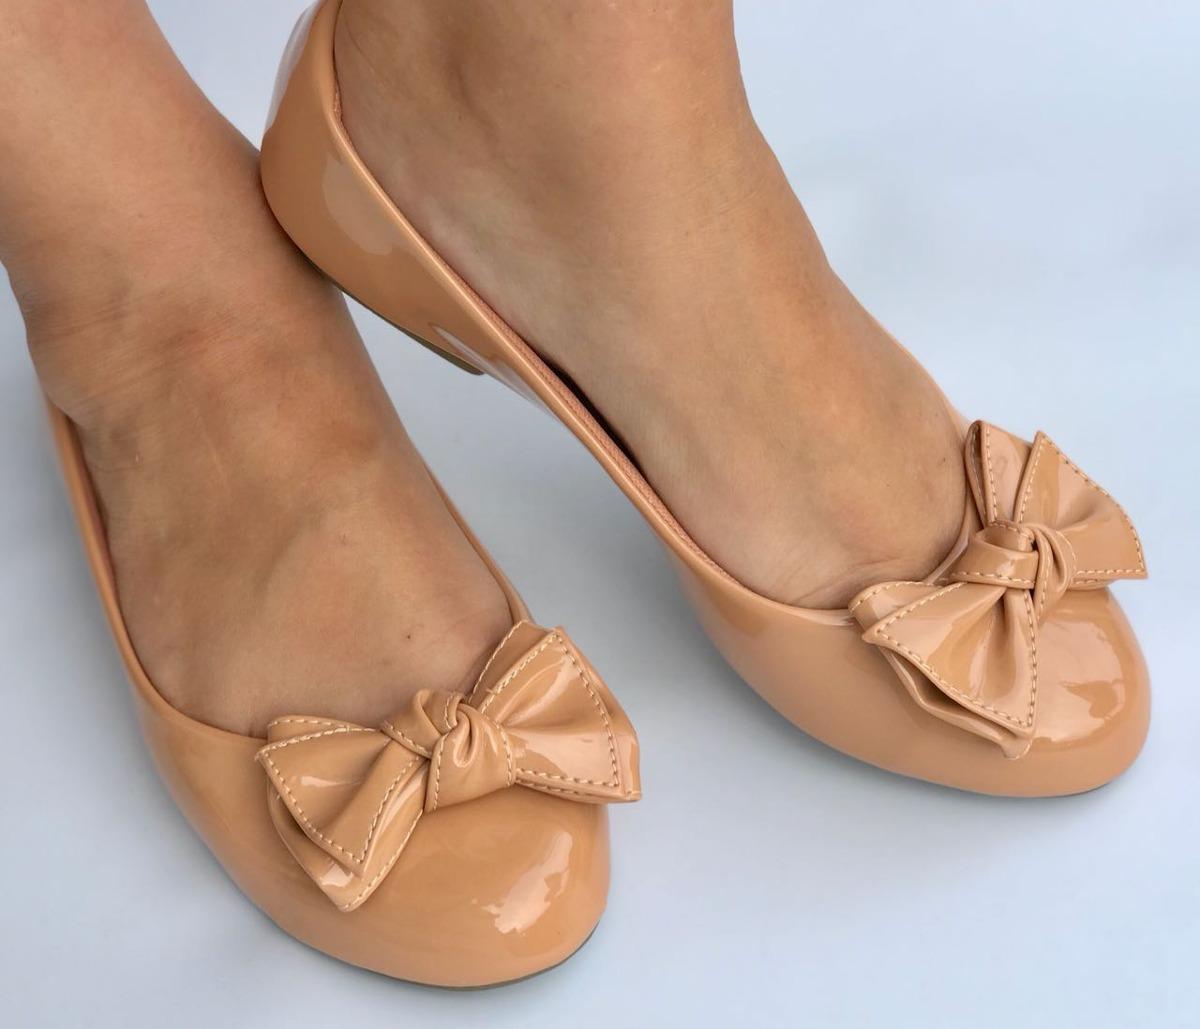 ab9daea7ca2 sandalia sapatilha rasteira linda barato laco cores. Carregando zoom.